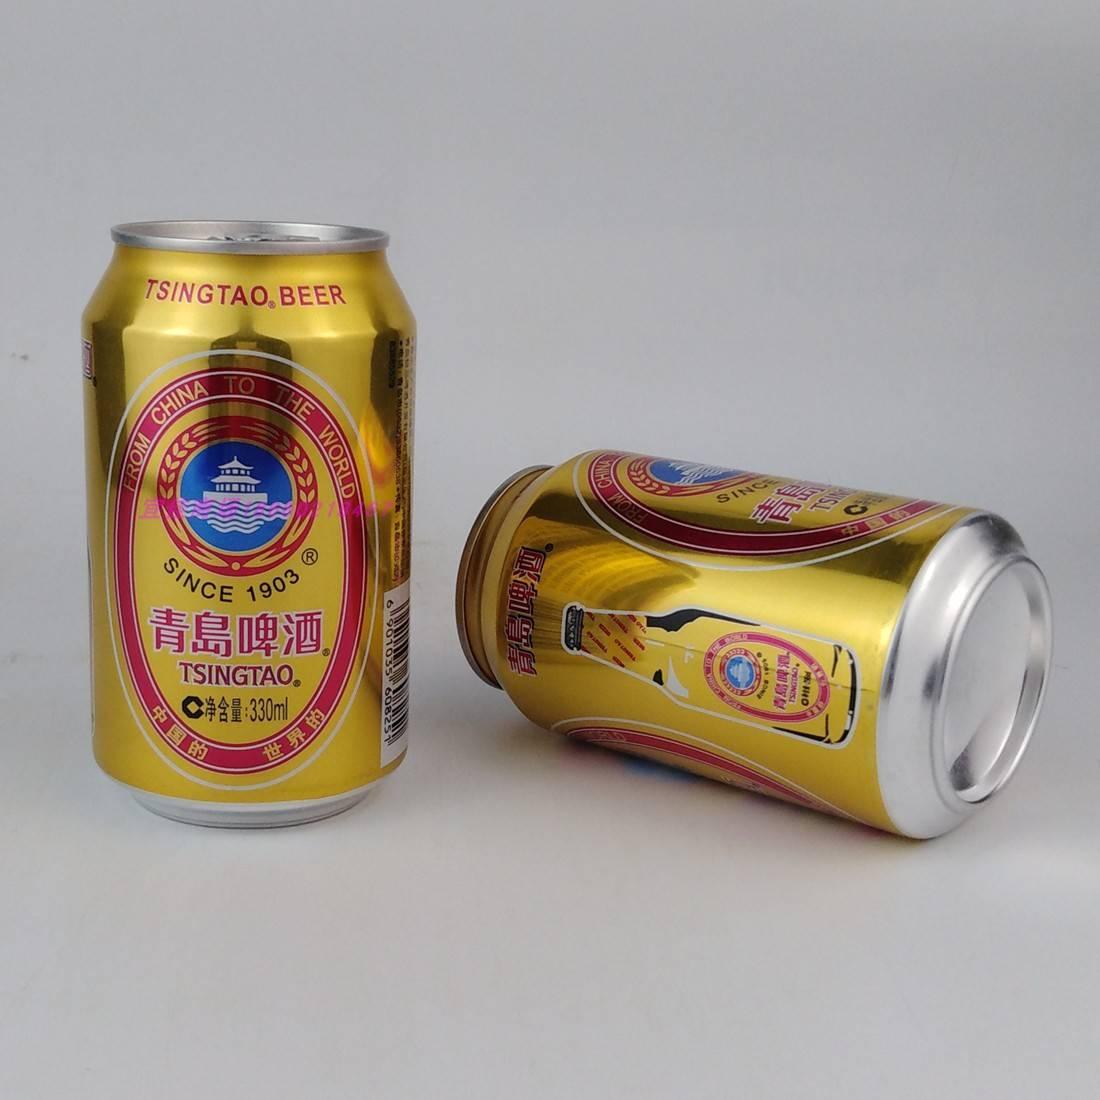 青岛易拉罐啤酒价格-一瓶青岛啤酒的零售价是多少?-大麦丫-精酿啤酒连锁超市,工厂店平价酒吧免费加盟